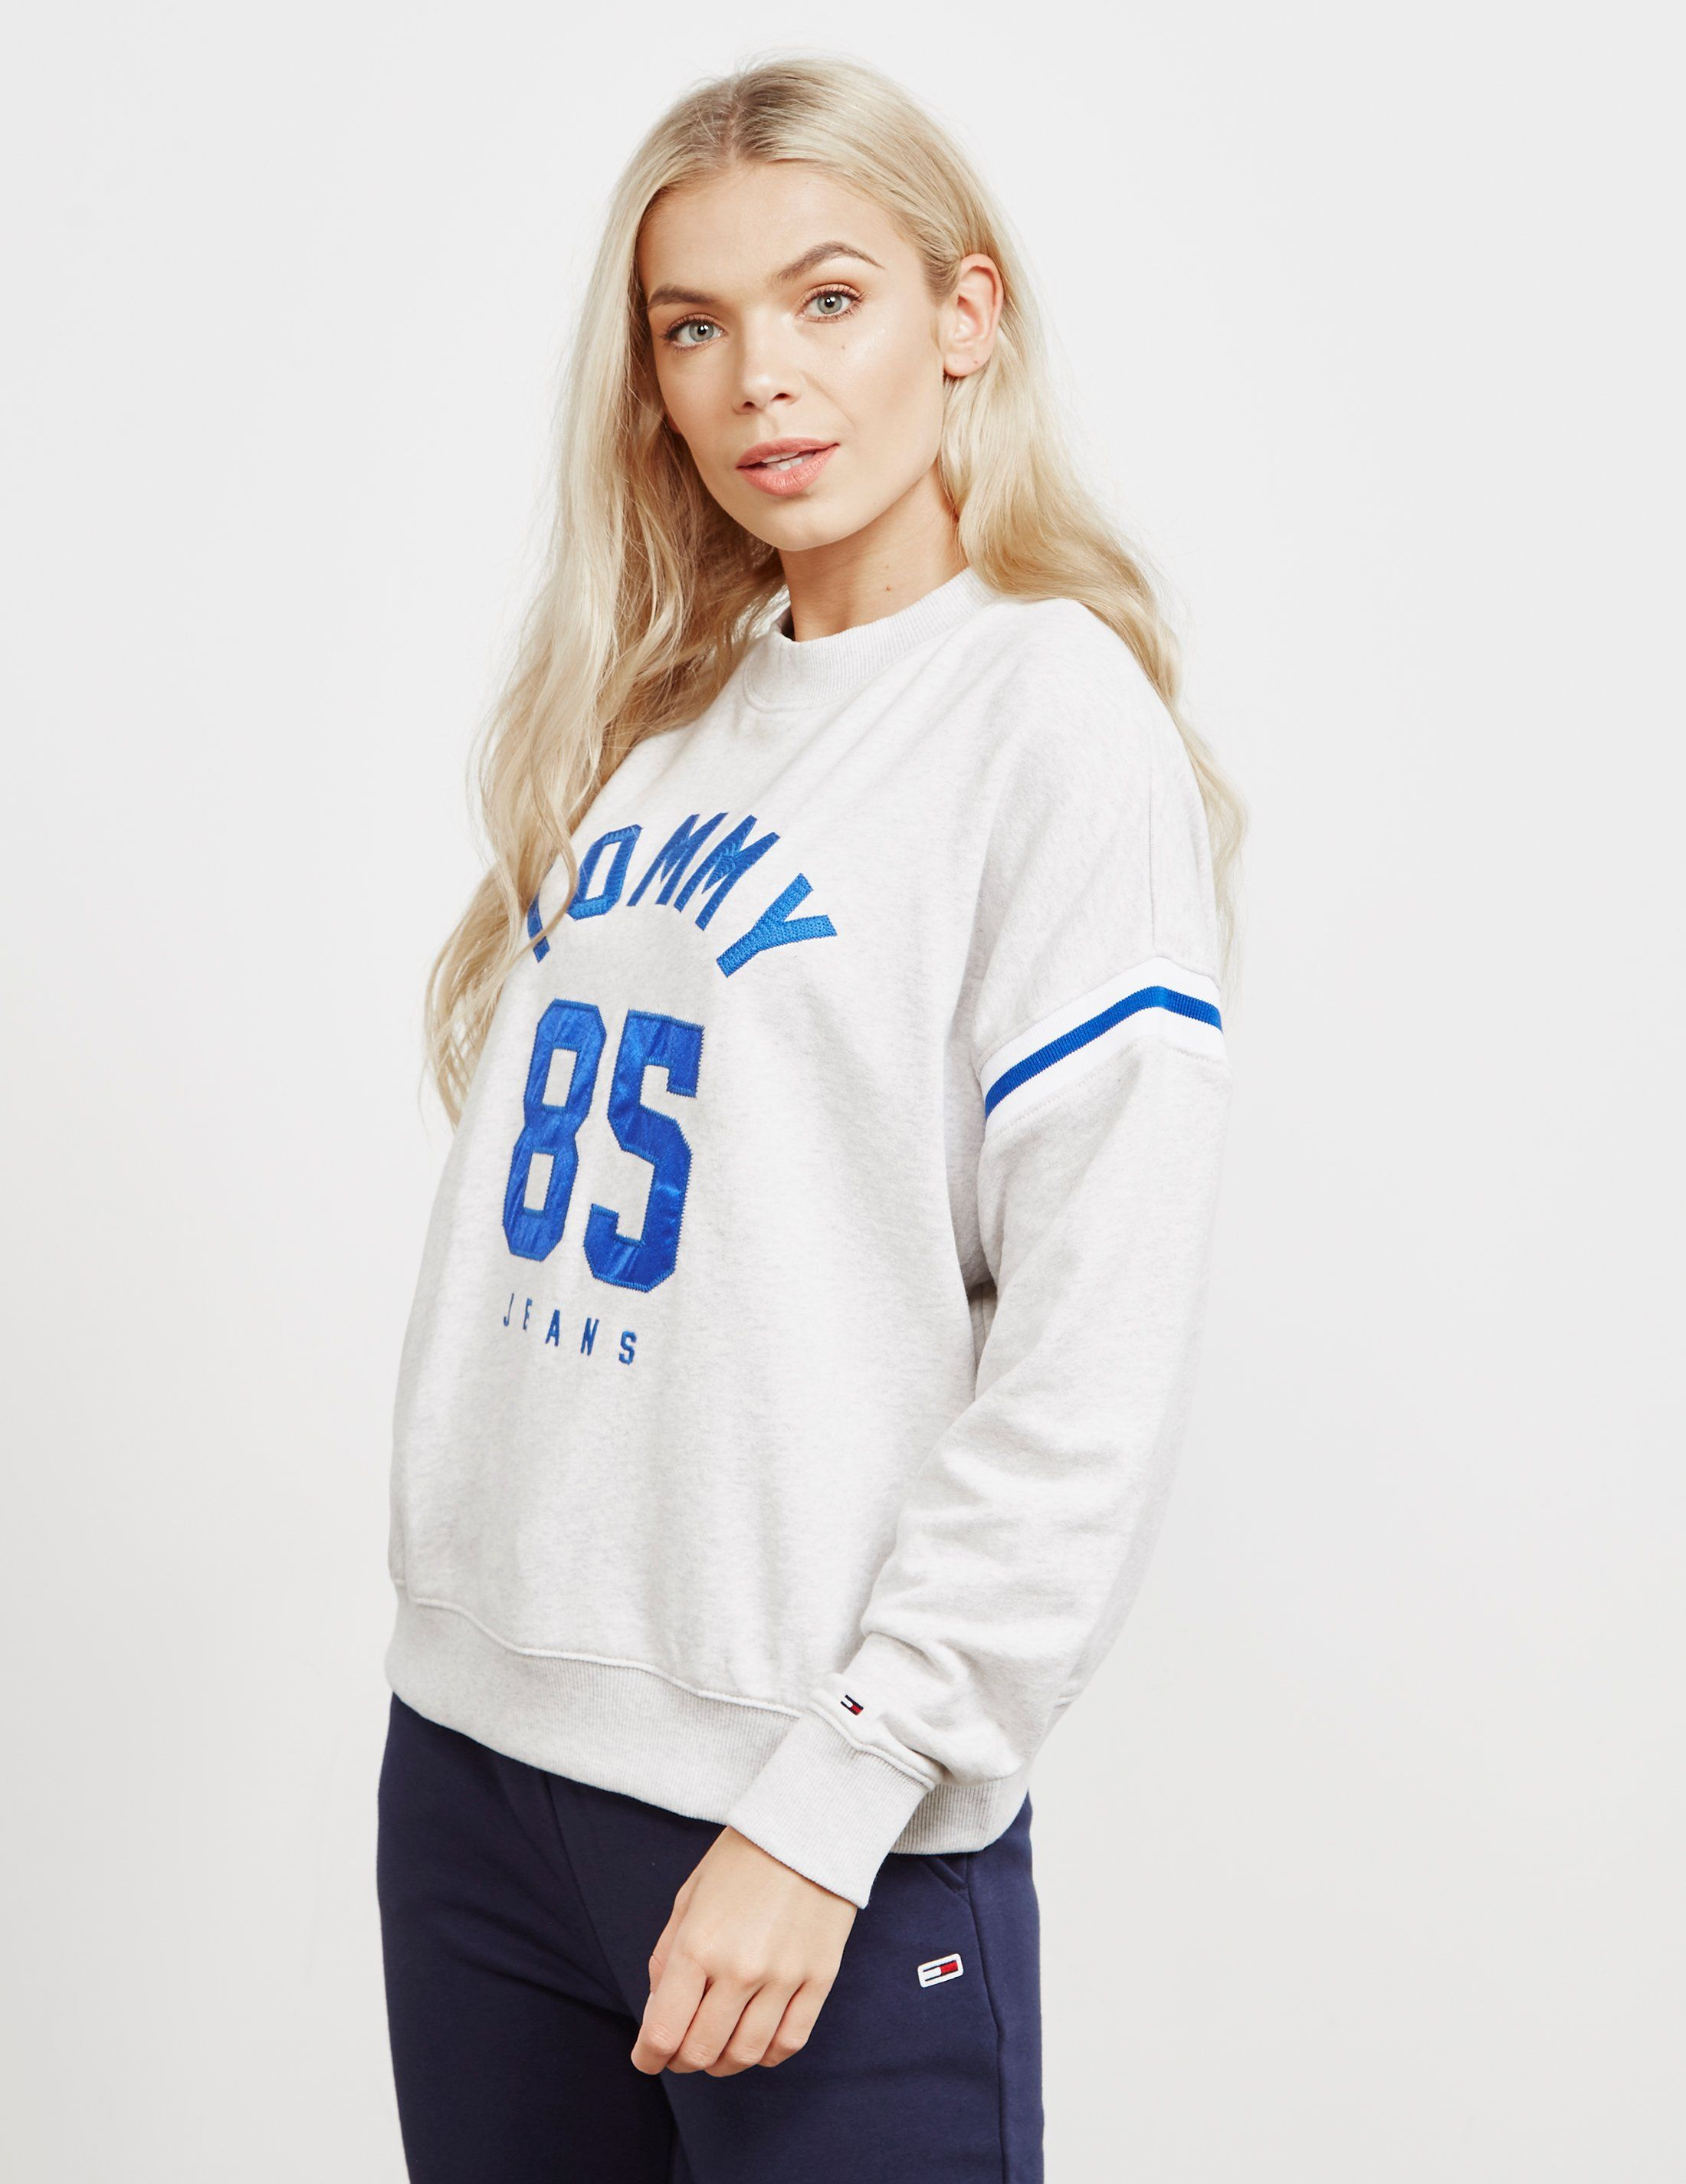 Tommy Jeans 85 Logo Sweatshirt